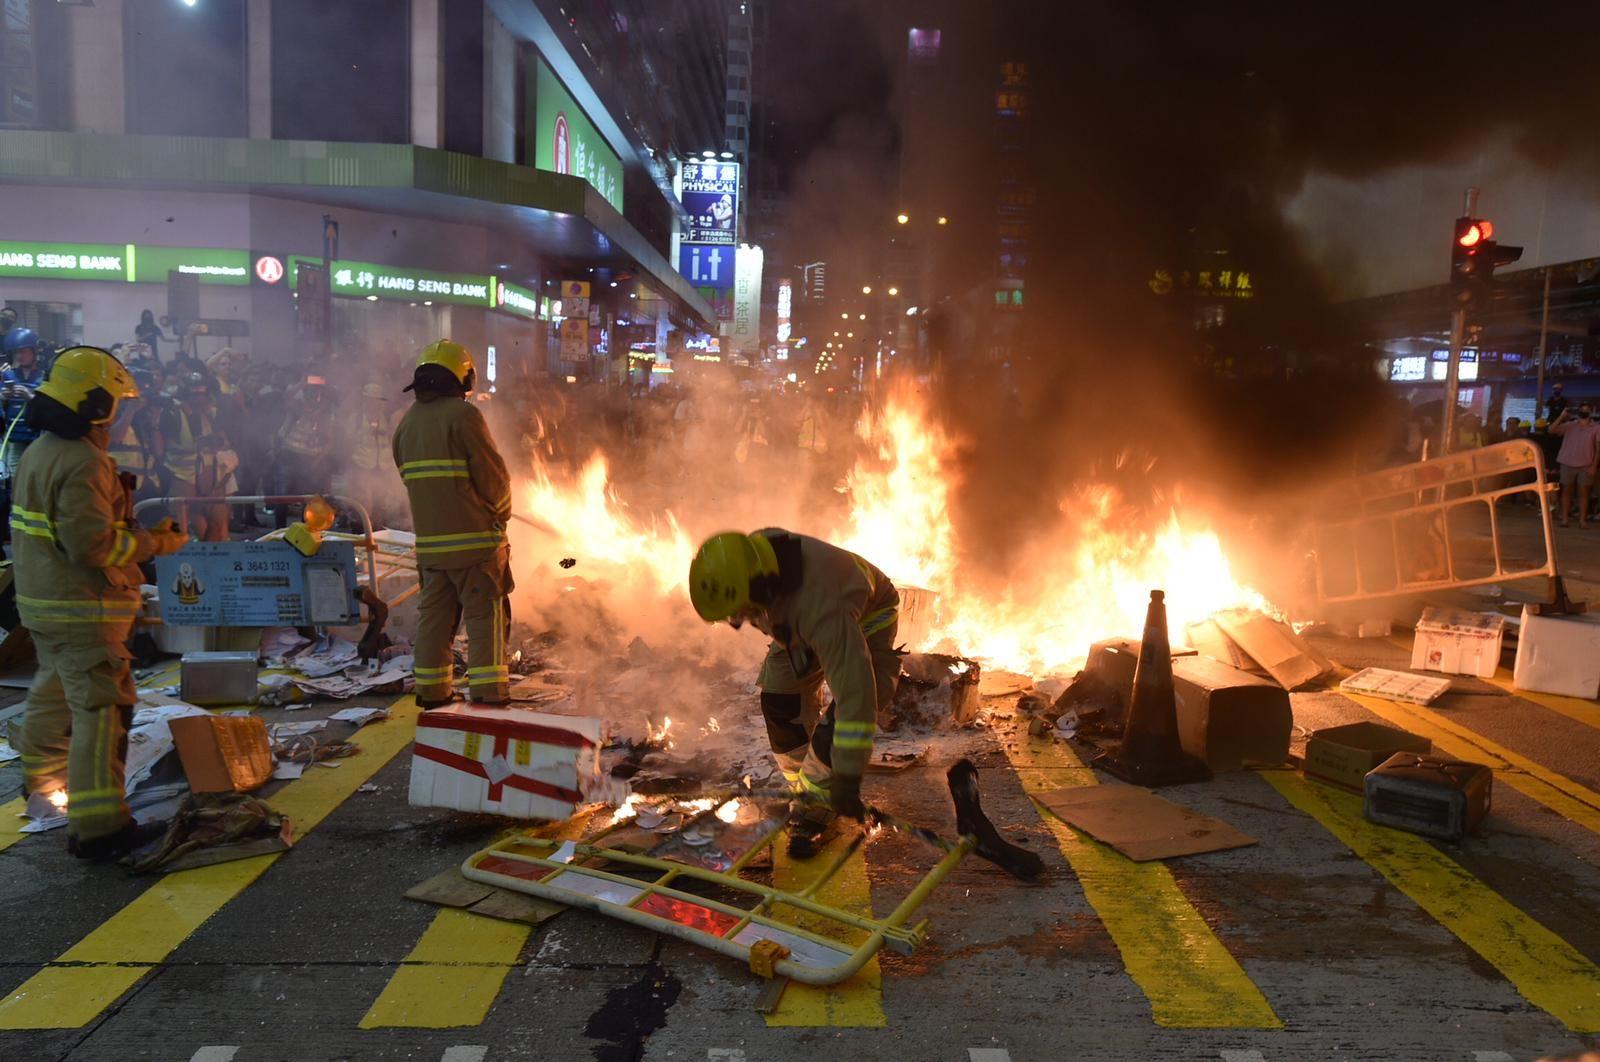 【修例風波】旺角站入閘機被破壞 示威者彌敦道近山東街交界再縱火